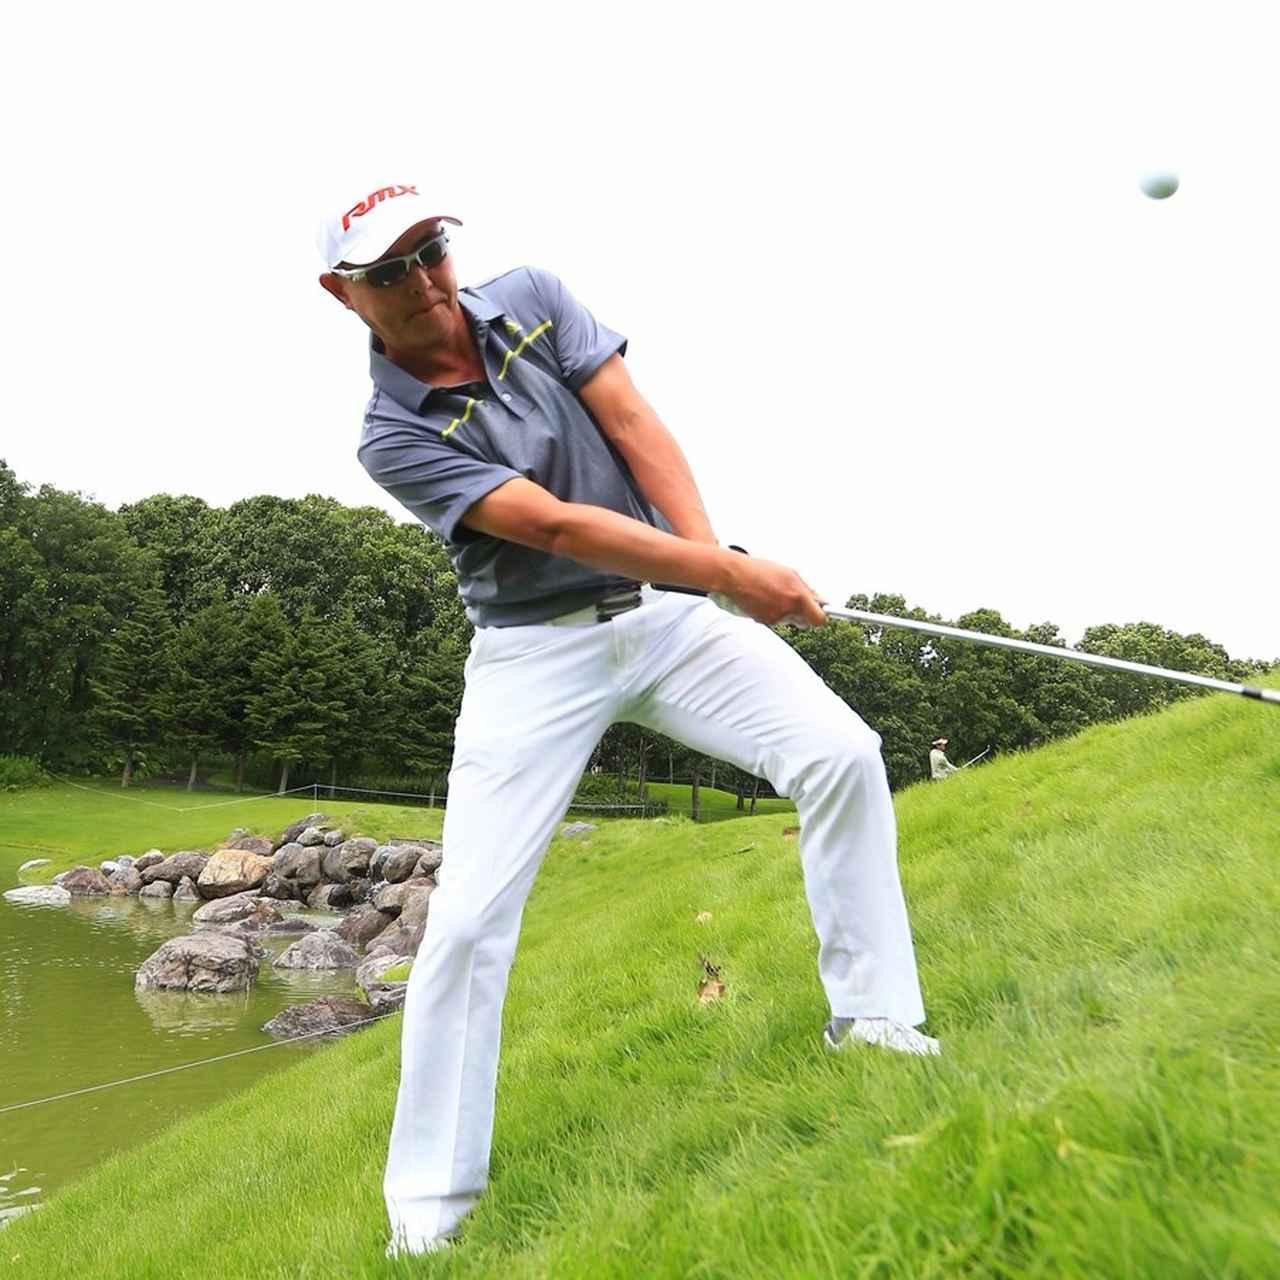 画像2: 芝の抵抗に負けないようにグリップをしっかり握る。傾斜なりでは高さがでないので、開いたフェースをアッパーに。ピンの真上からボールを落とすイメージ